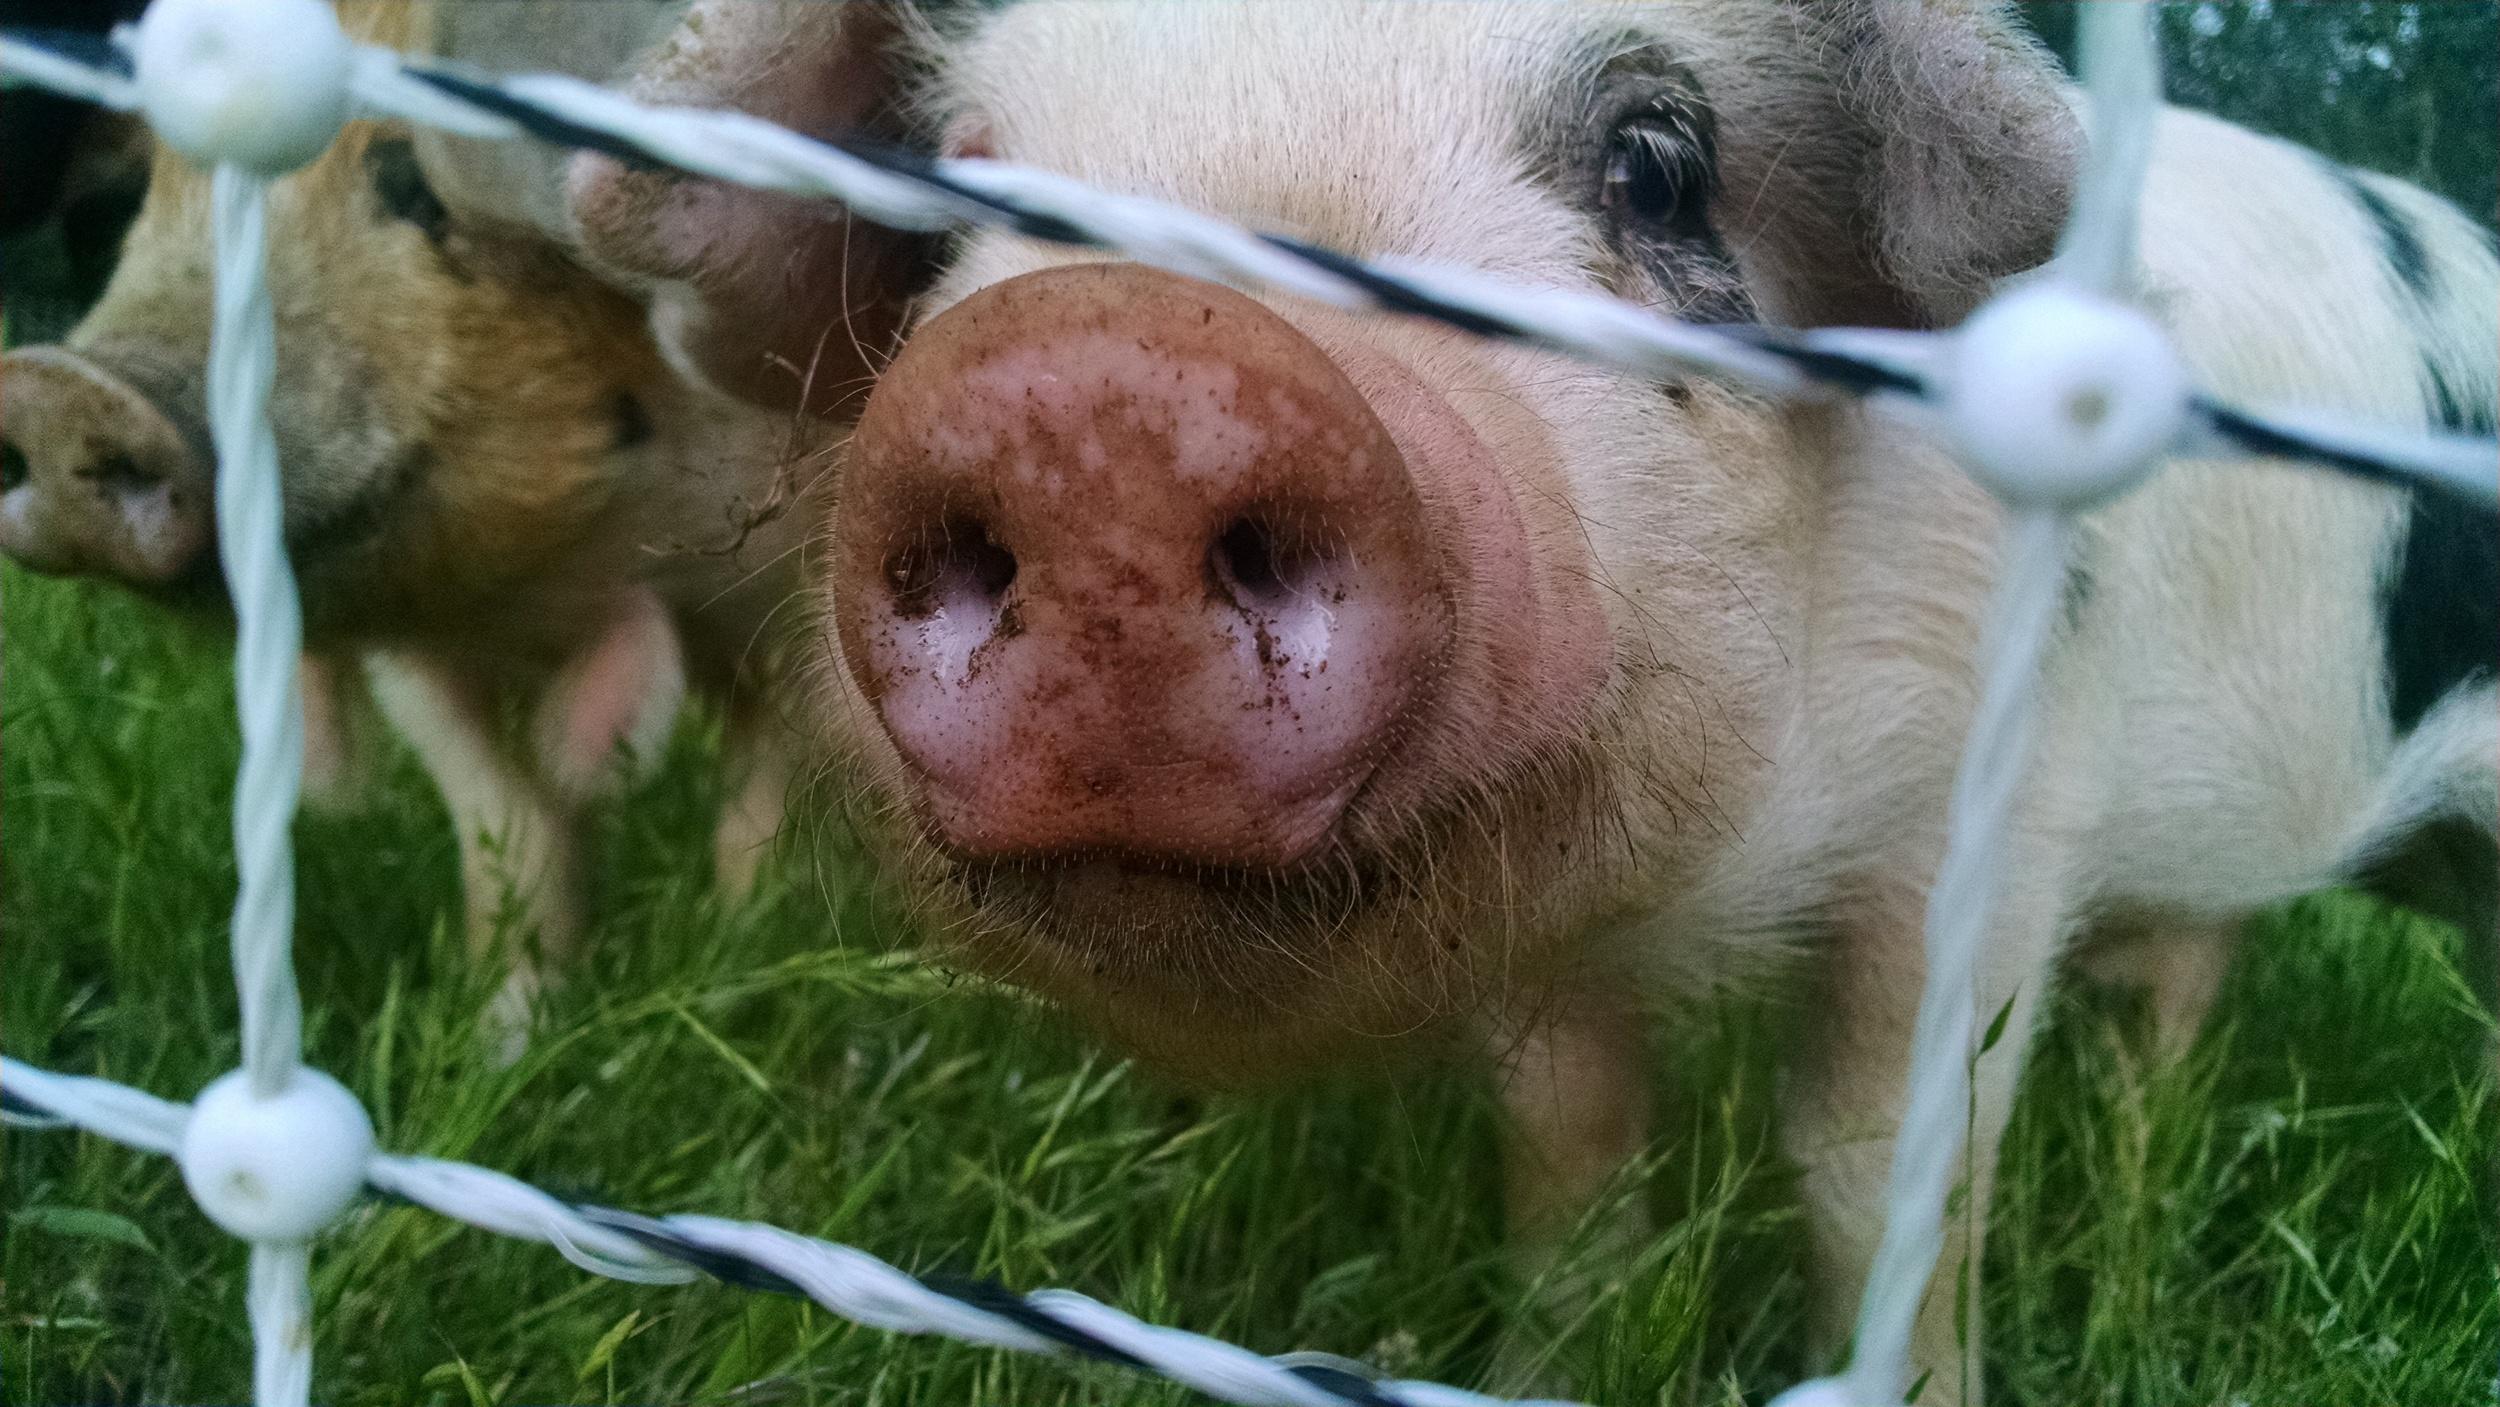 Oh hey baby Wilbur